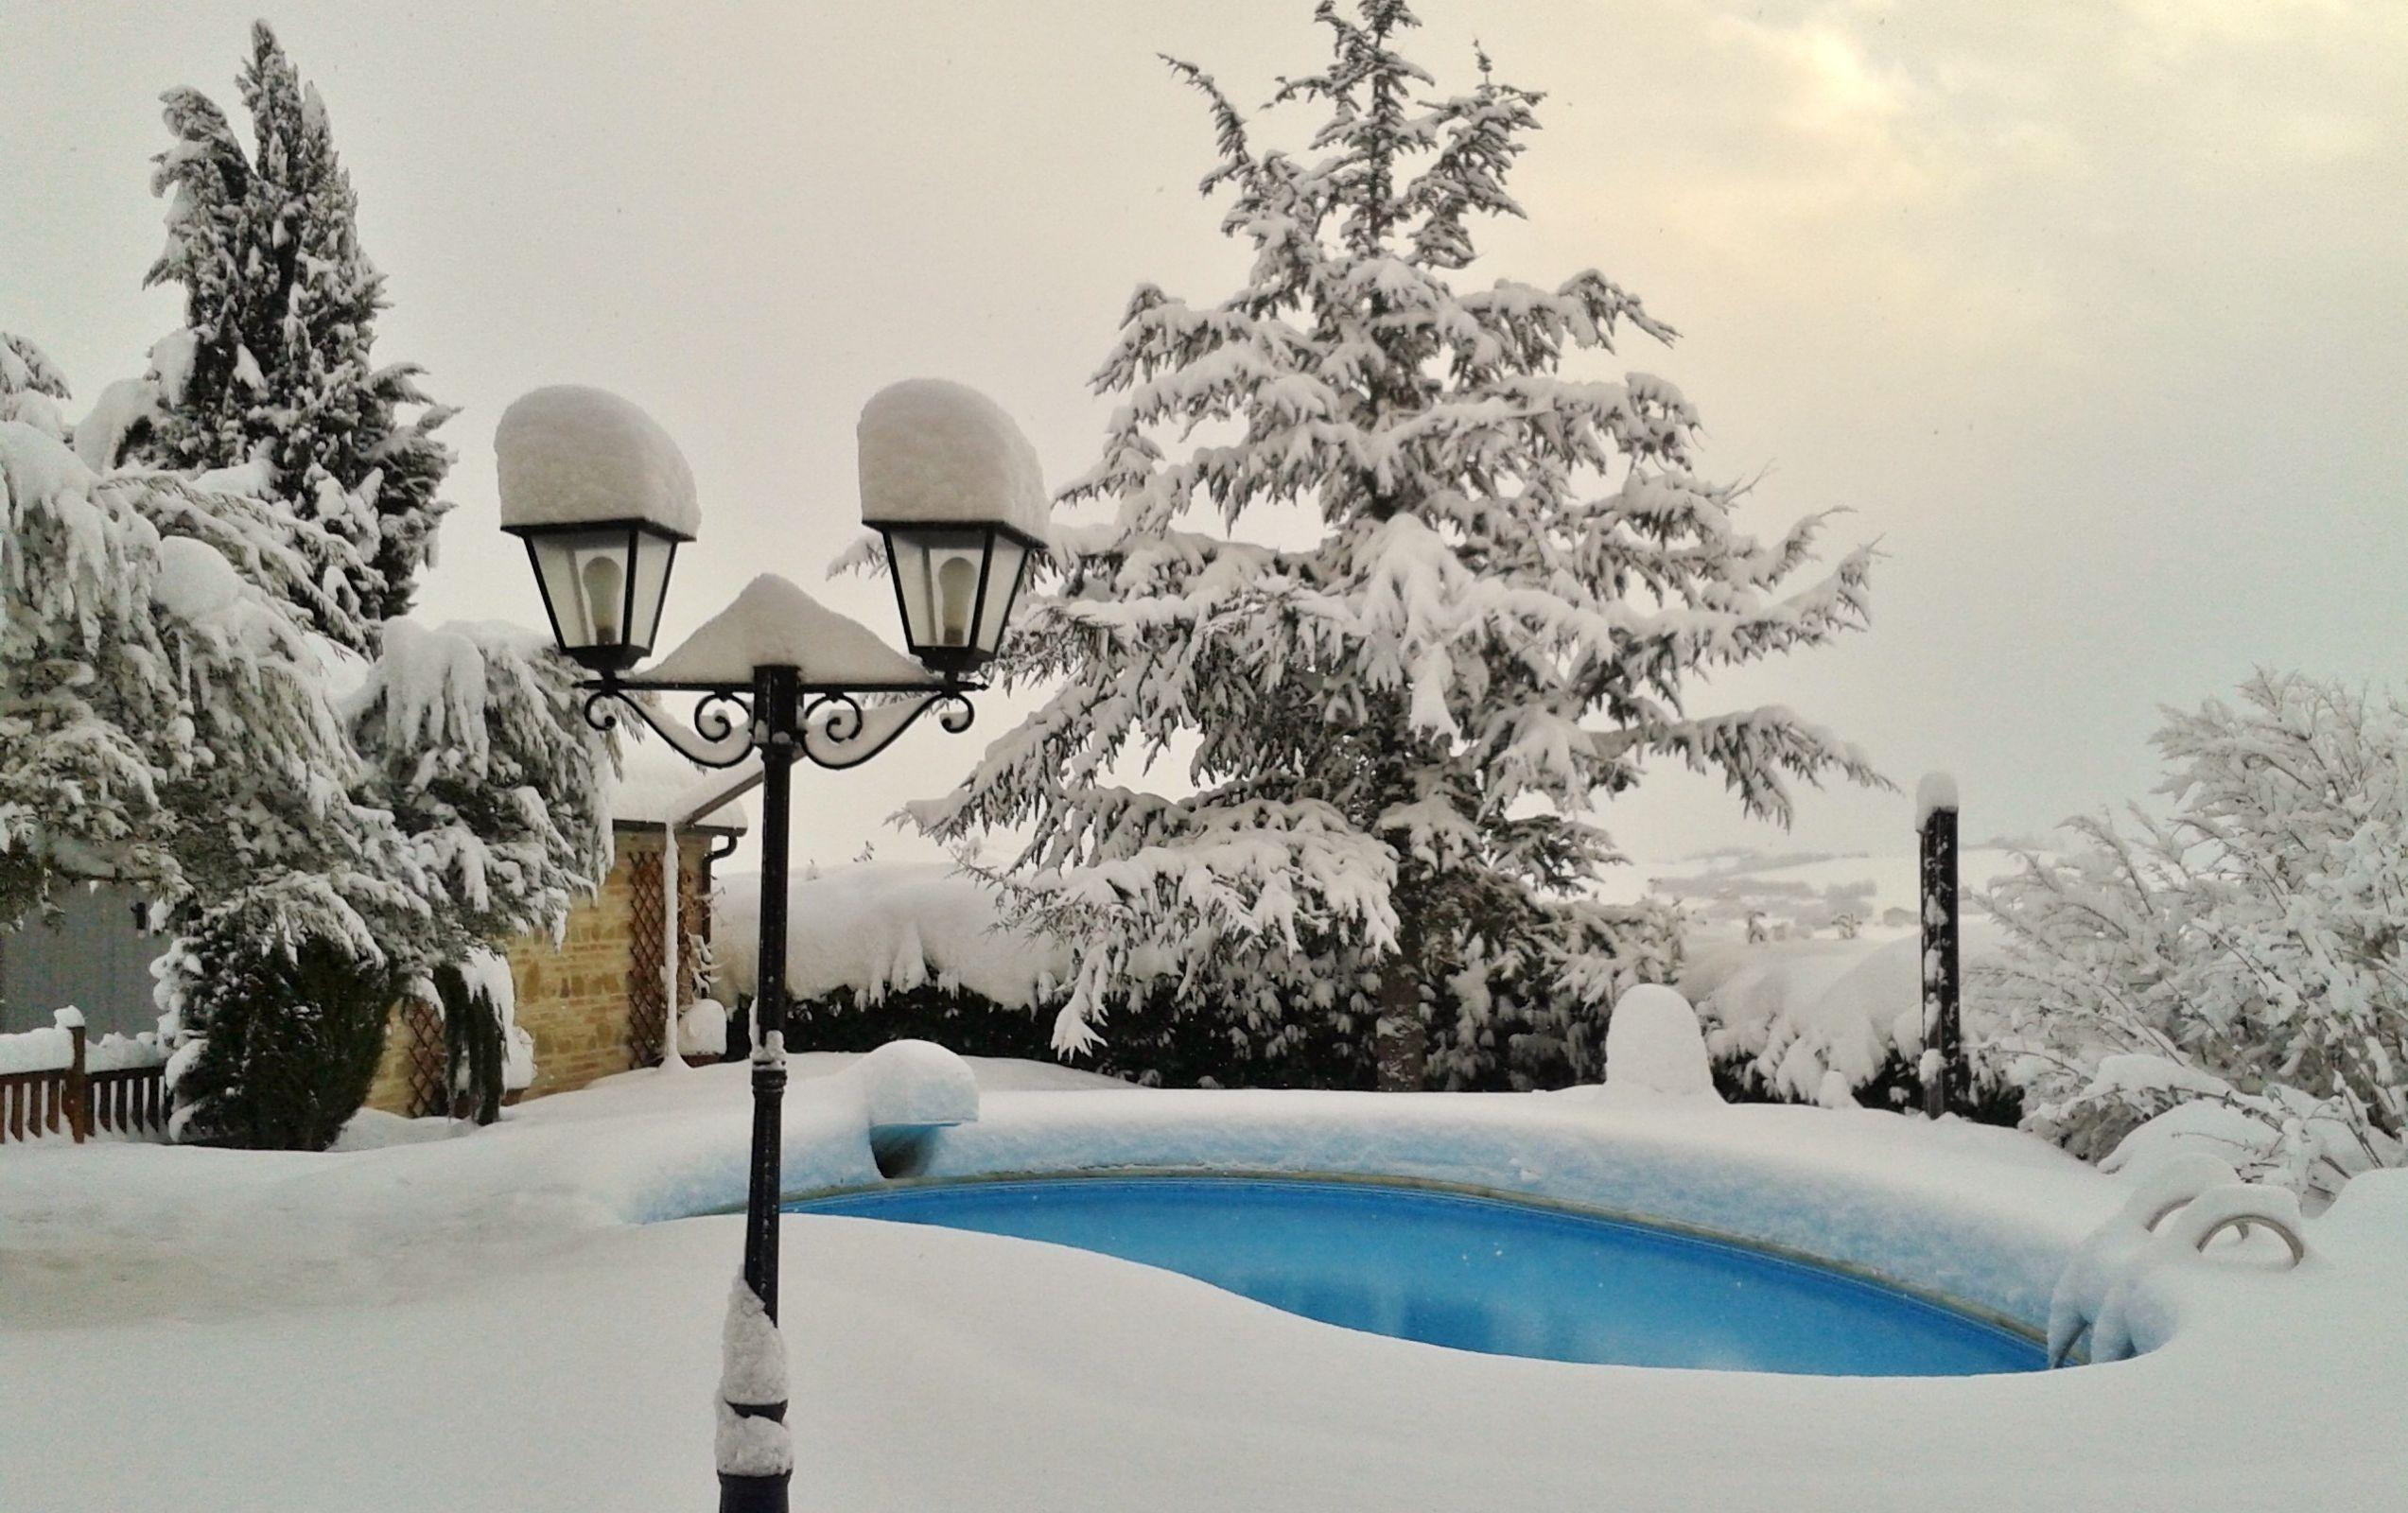 Inverno meglio la piscina aperta o chiusa professione piscina